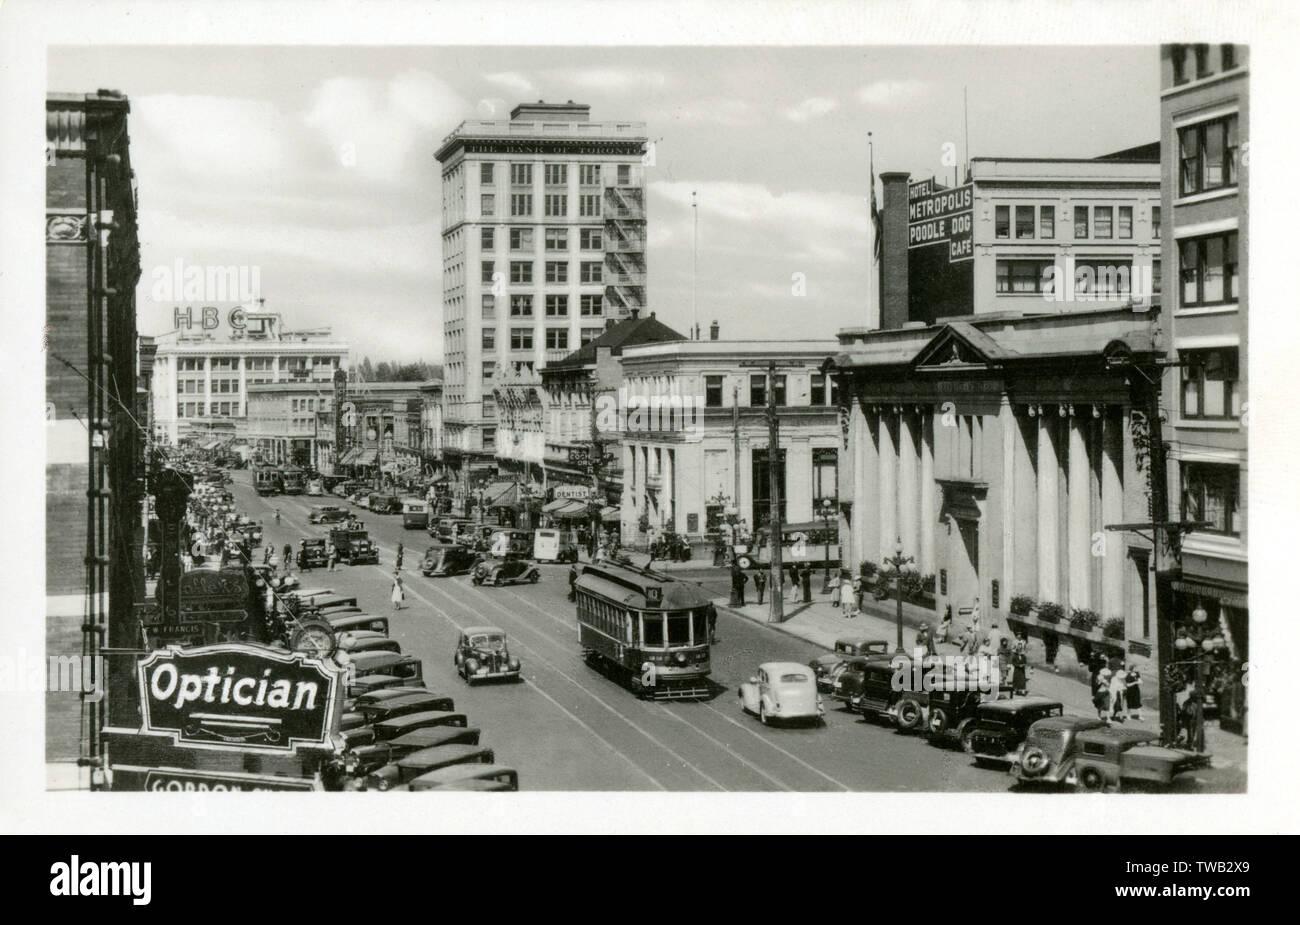 """Douglas Street, Victoria, Britisch-Kolumbien, Kanada - beachten Sie die wunderbare Signage Werbung das Hotel Metropole und die (ziemlich wundervoll) """"Pudel Hund Cafe'!! Datum: ca. 1940 s Stockfoto"""